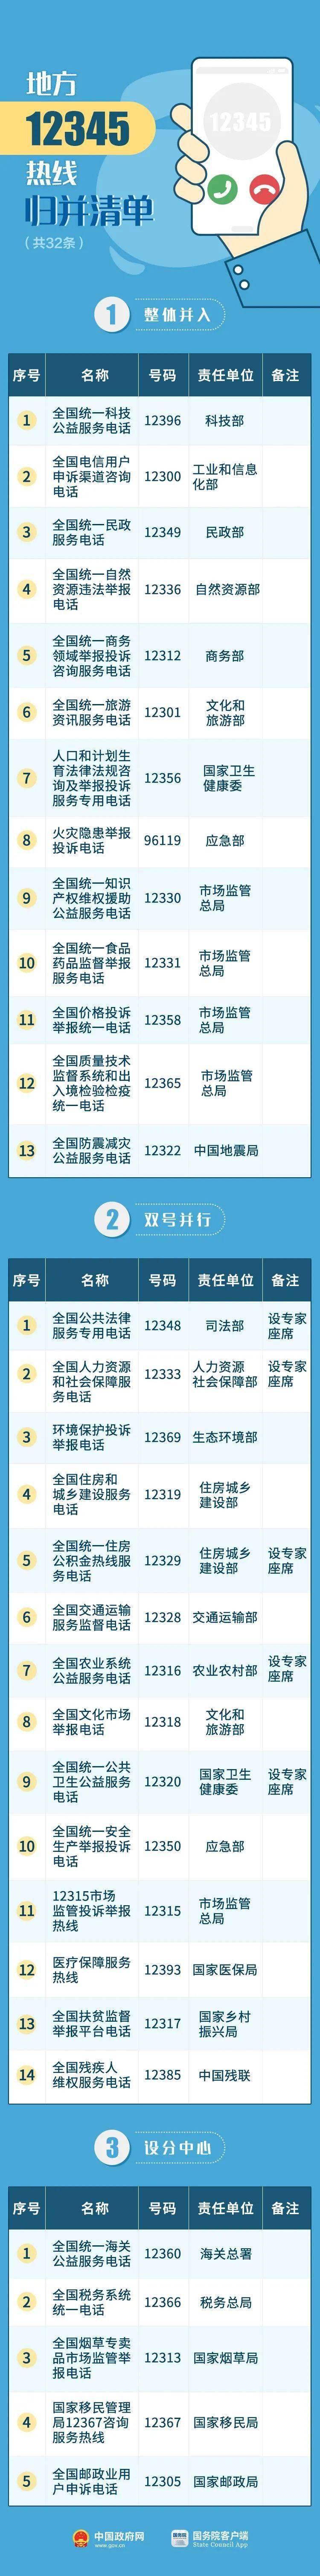 【关注】政务服务热线归并优化,12315将与12345双号并行